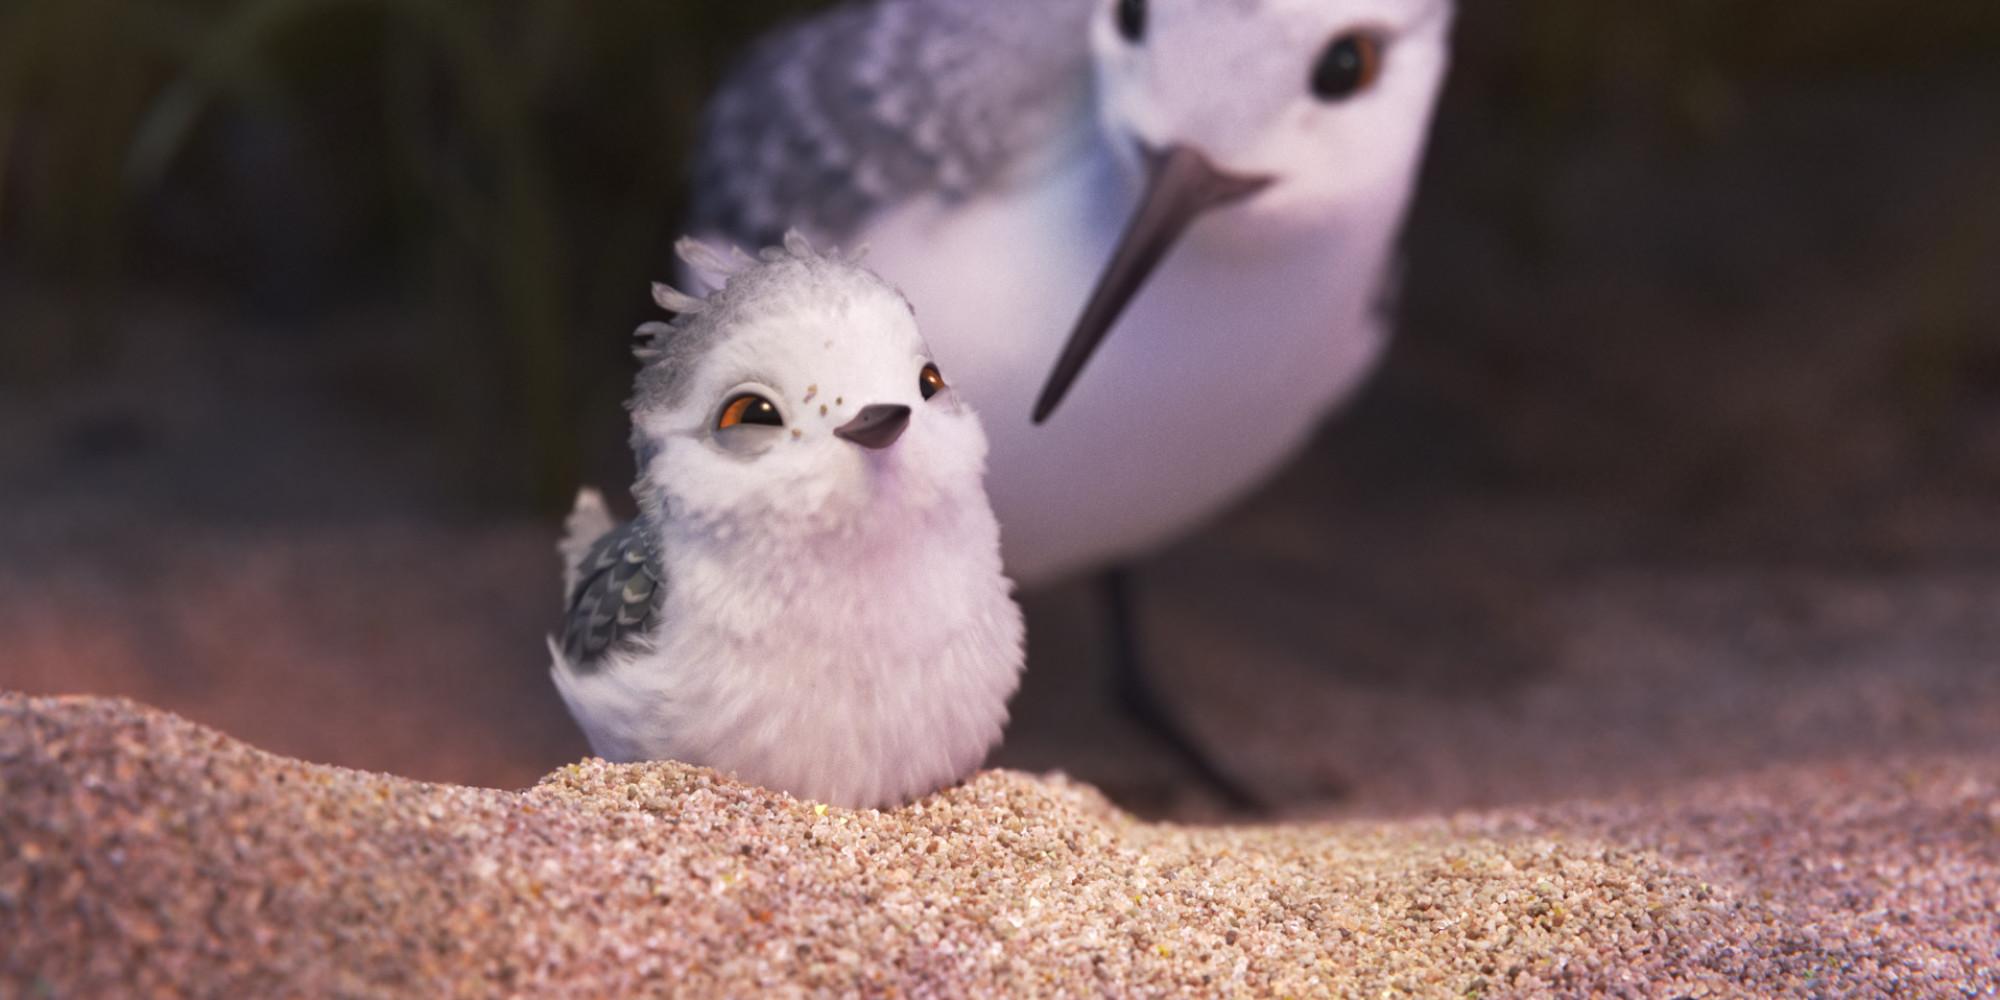 Картинки по запросу Новая короткометражка «Пайпер» от Pixar